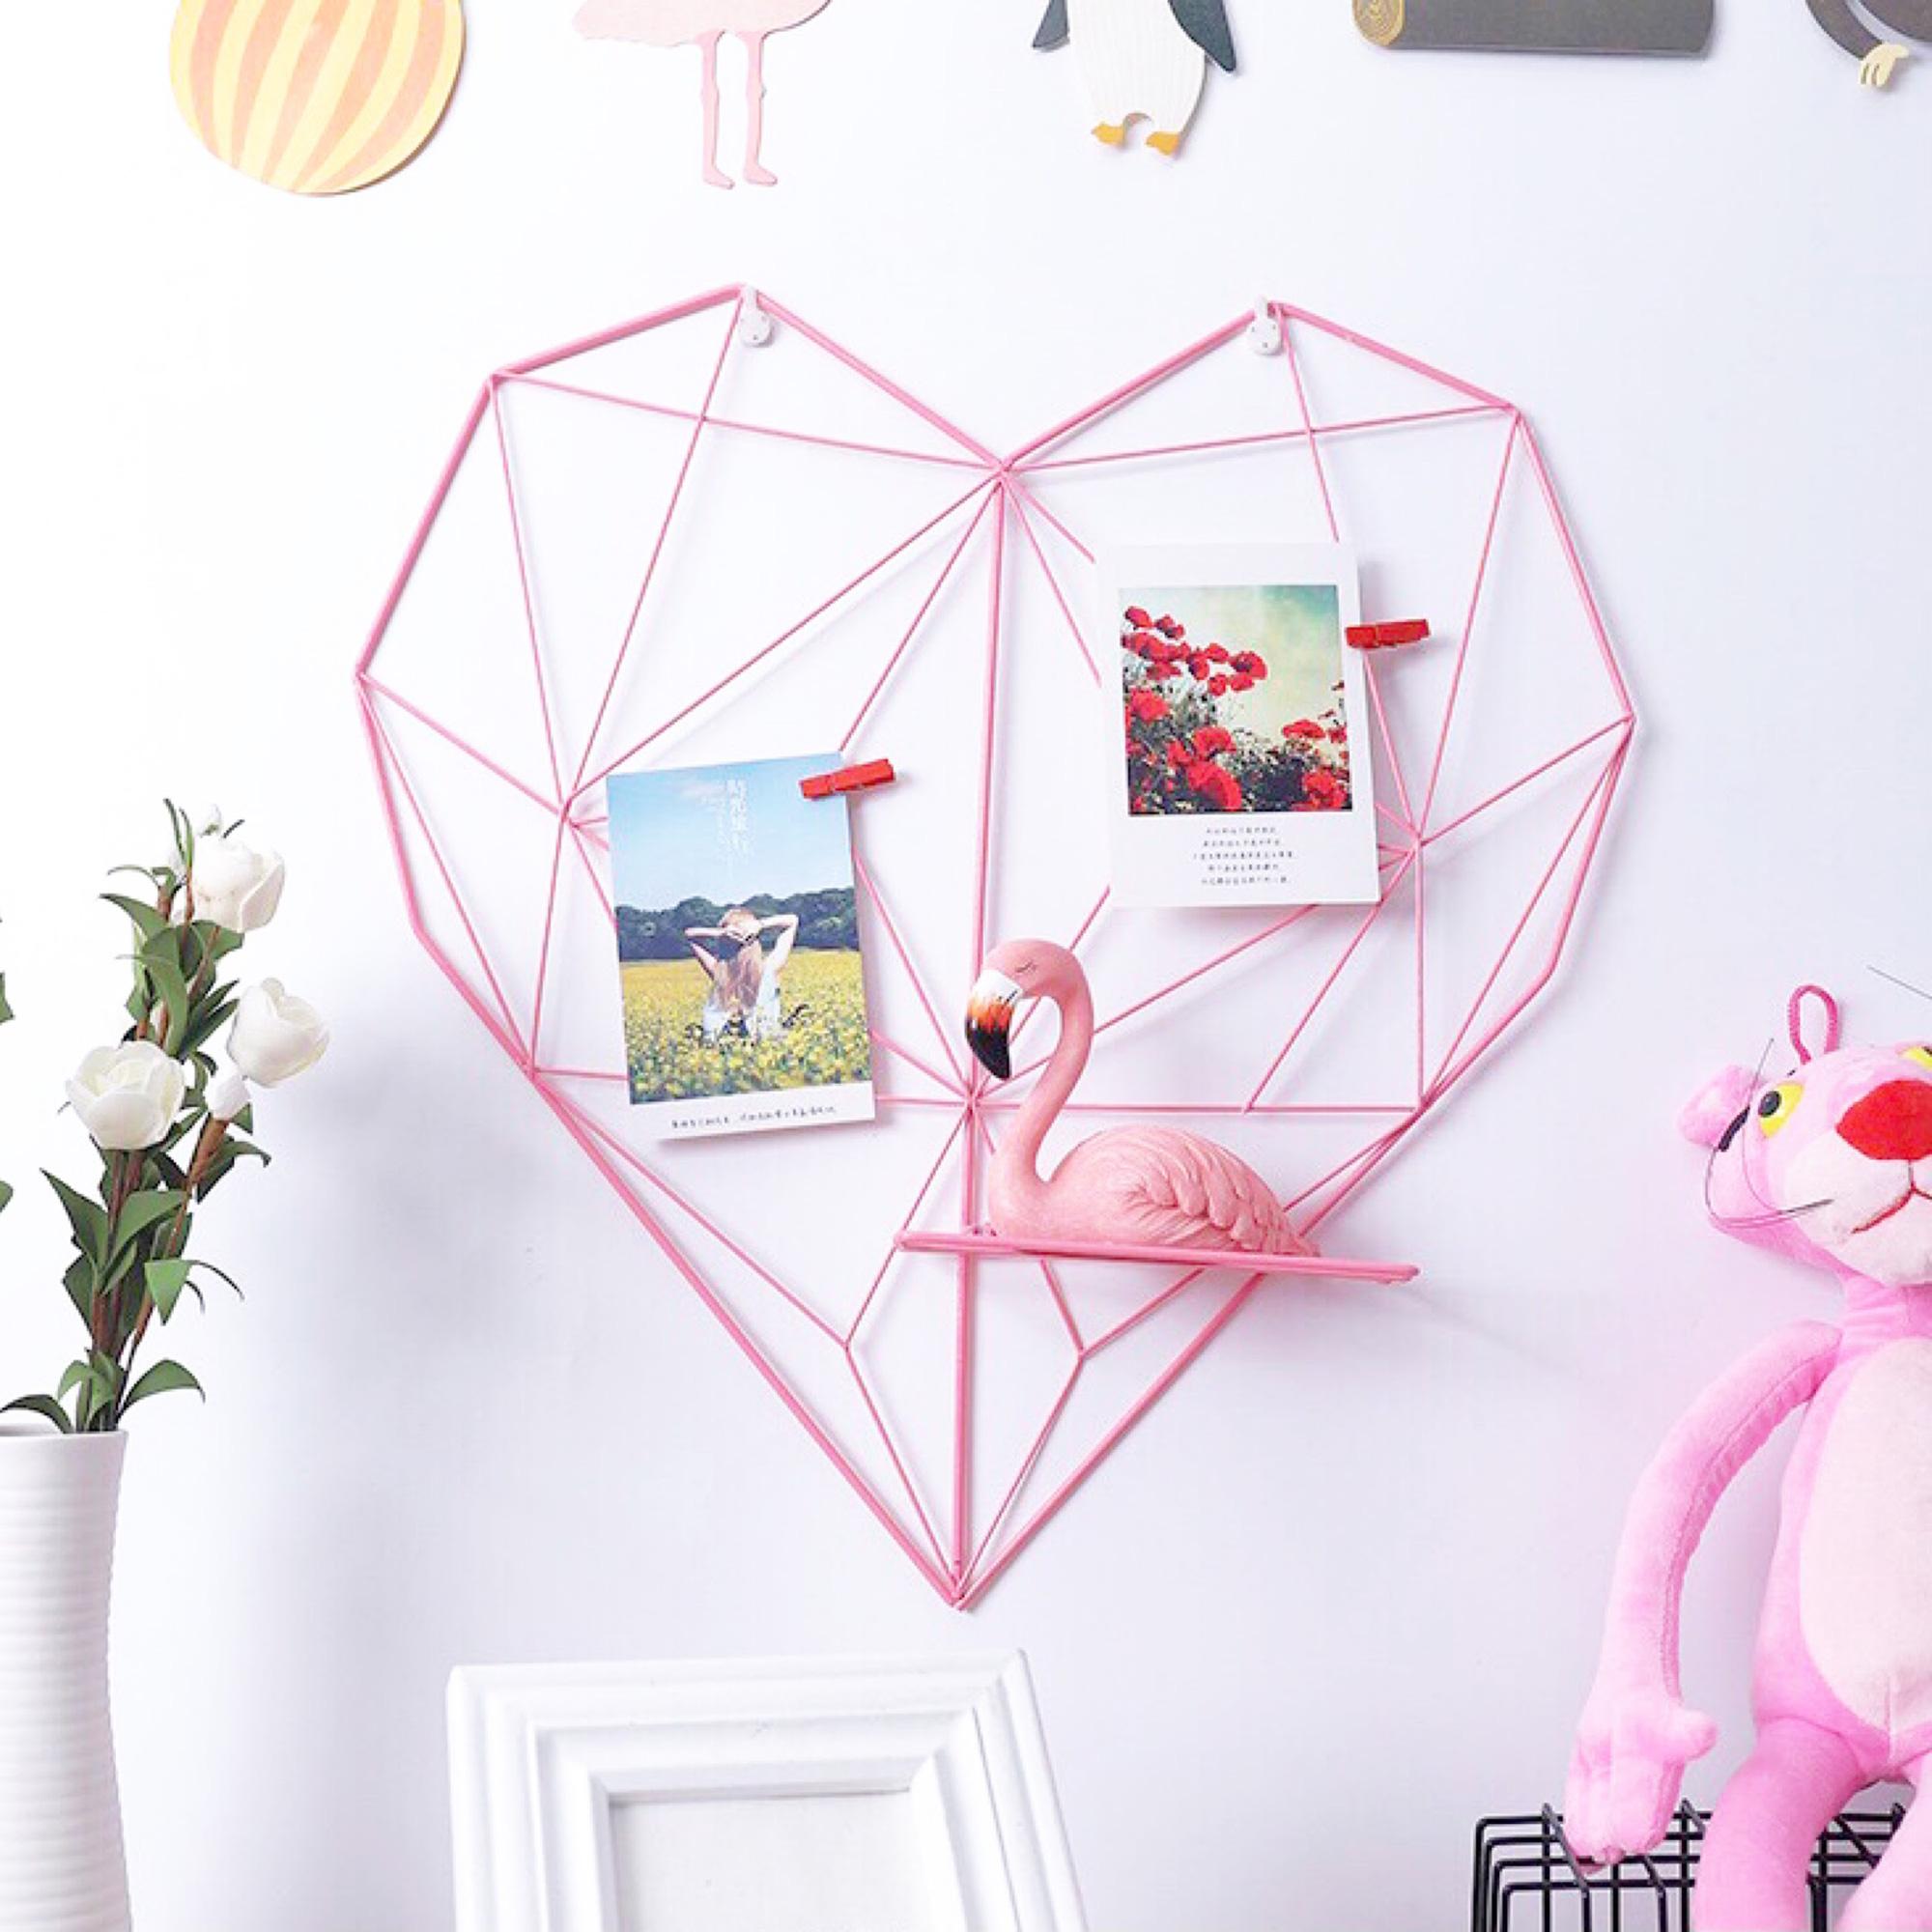 7 món decor max xinh giúp lên đời tổ ấm phòng ngủ cho hội bánh bèo hường phấn rất gì và này nọ - Ảnh 9.